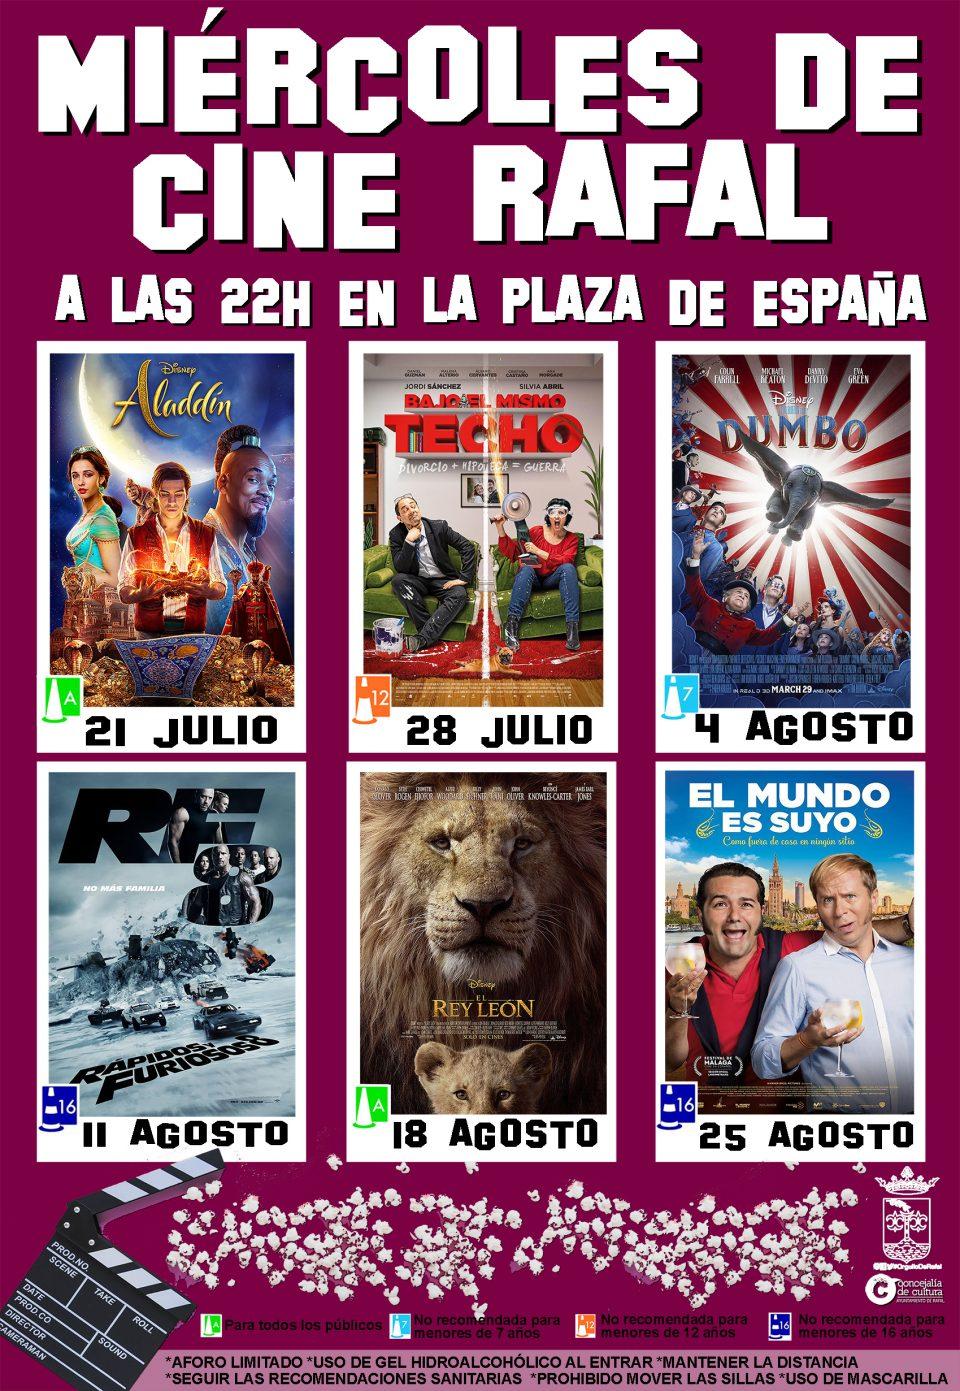 Clásicos infantiles, humor español y acción en los 'Miércoles de Cine' de Rafal 6